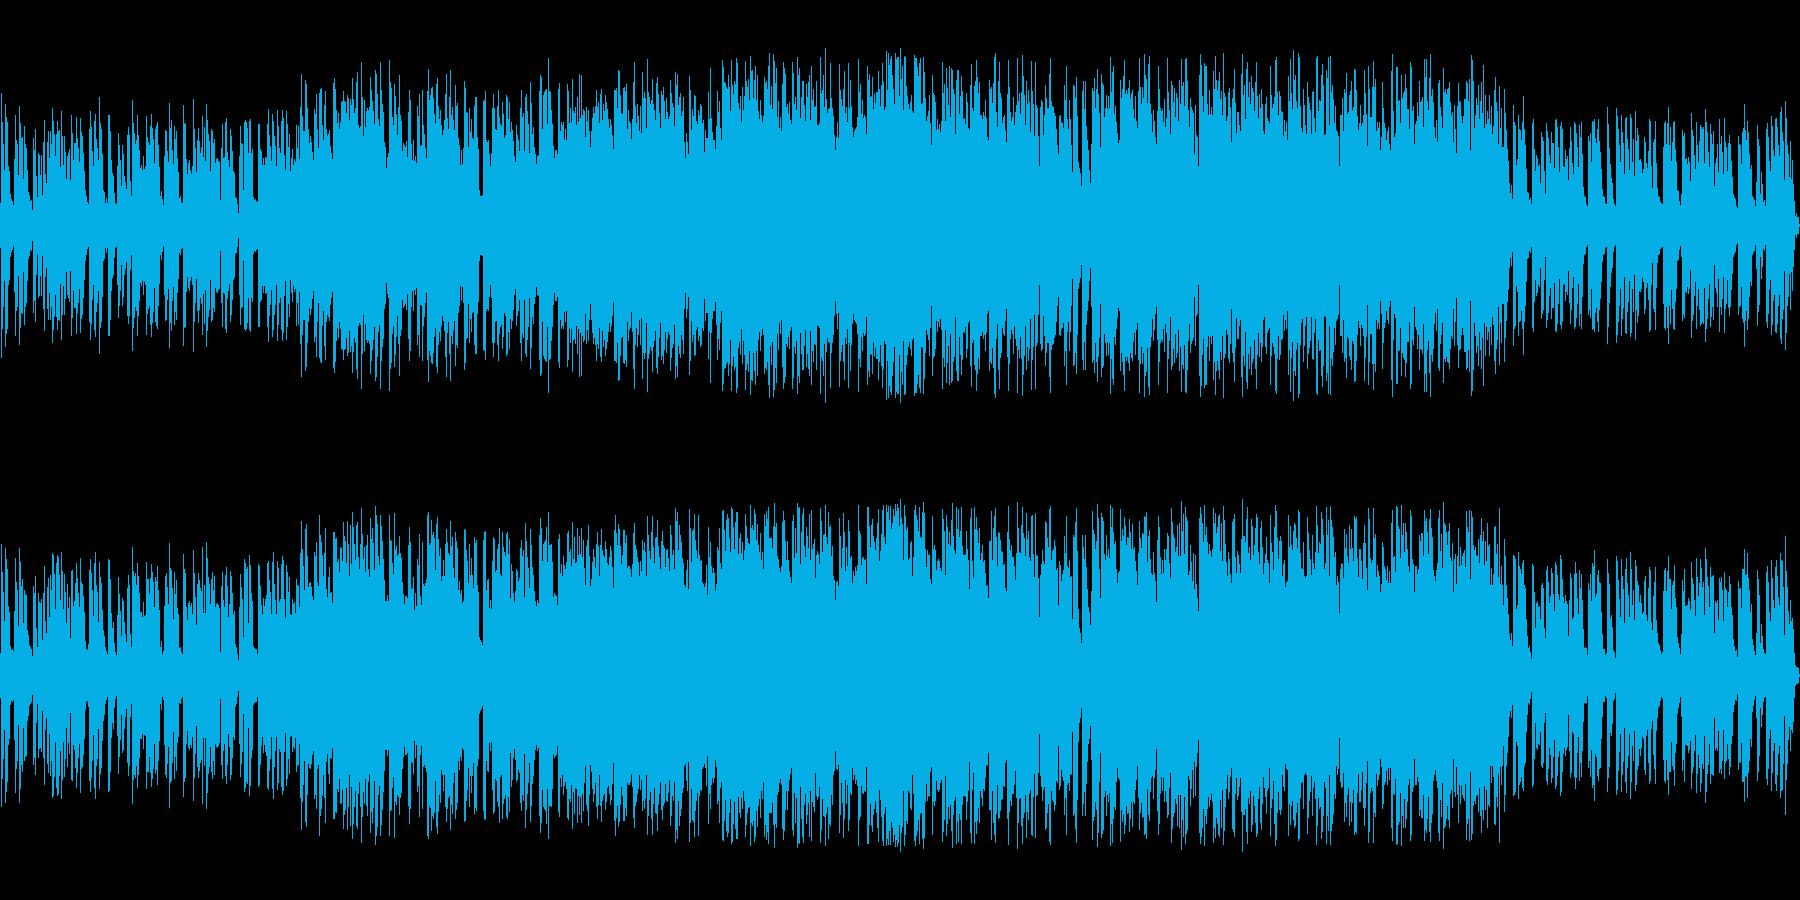 アクションゲームの渋めなチップチューンの再生済みの波形